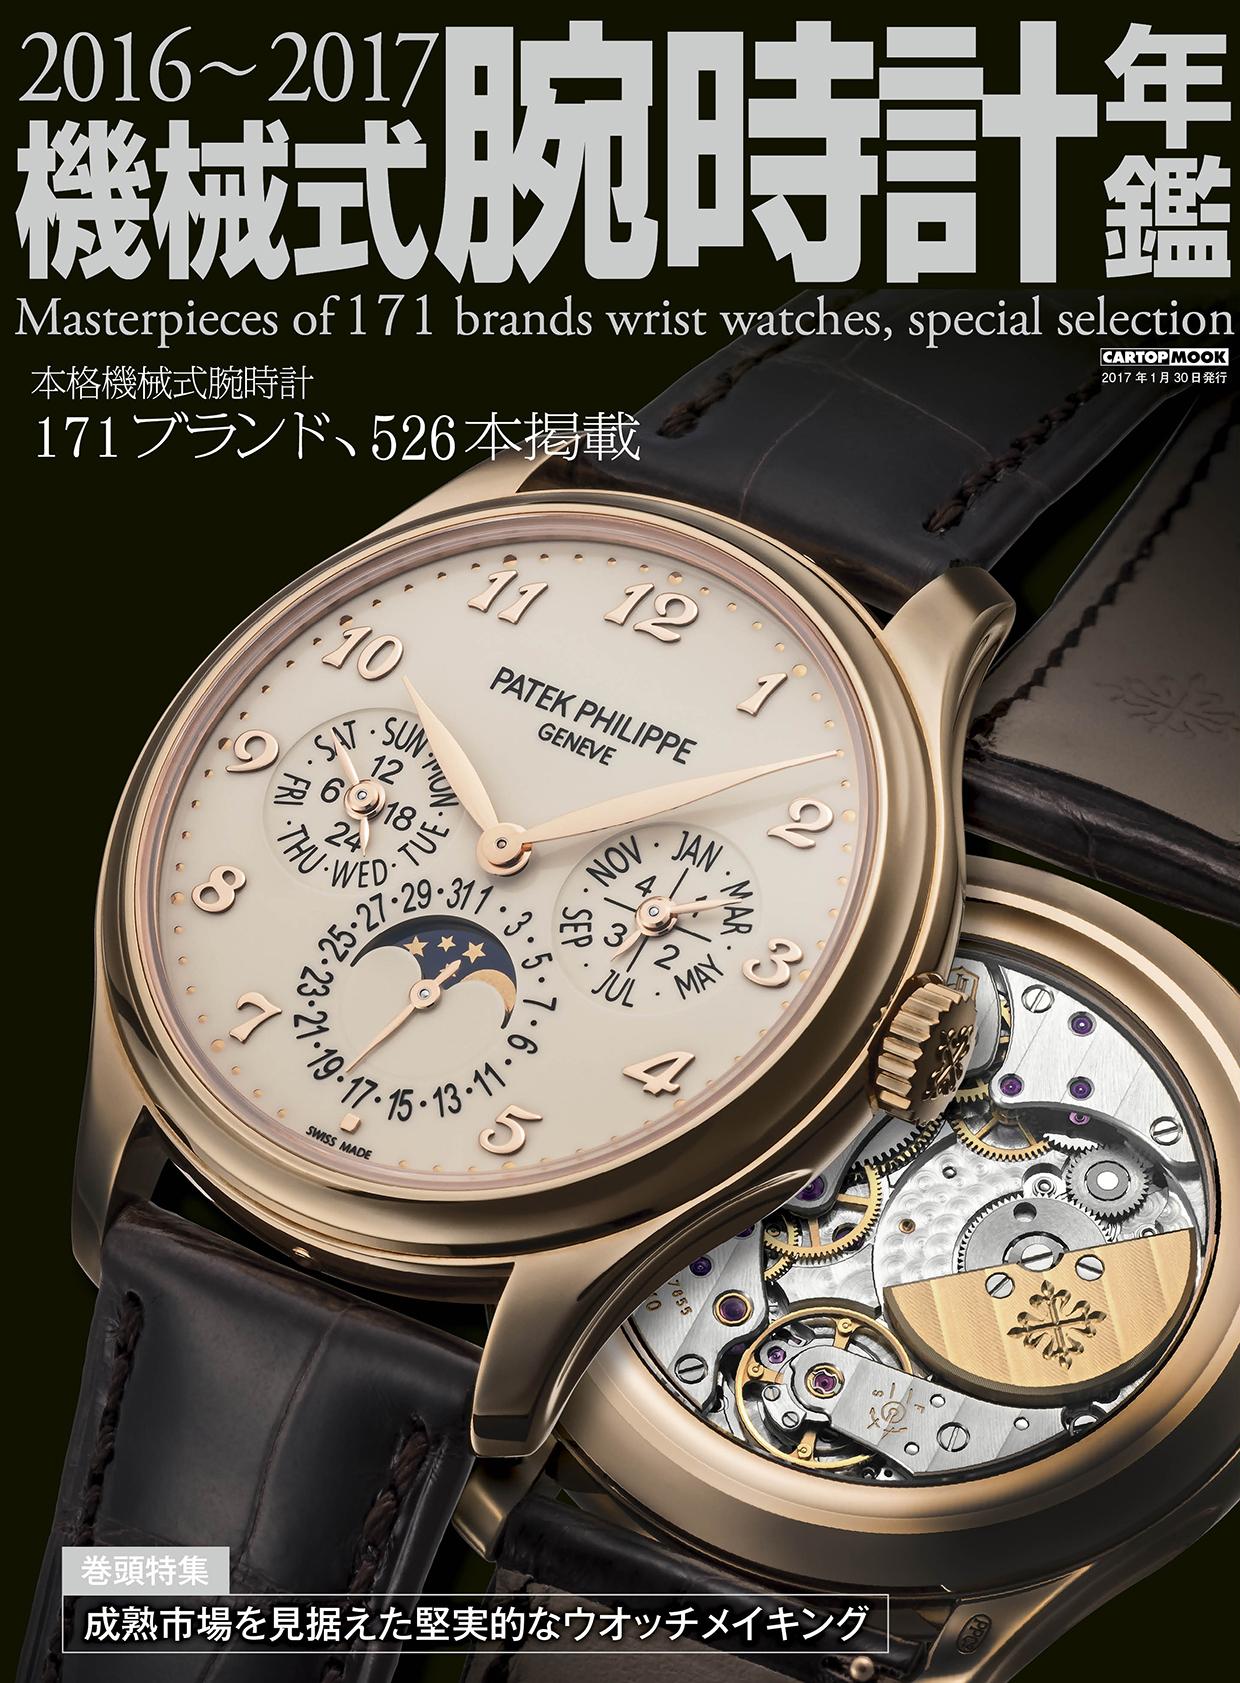 C's-Factory|書籍|2016-2017機械式腕時計年鑑